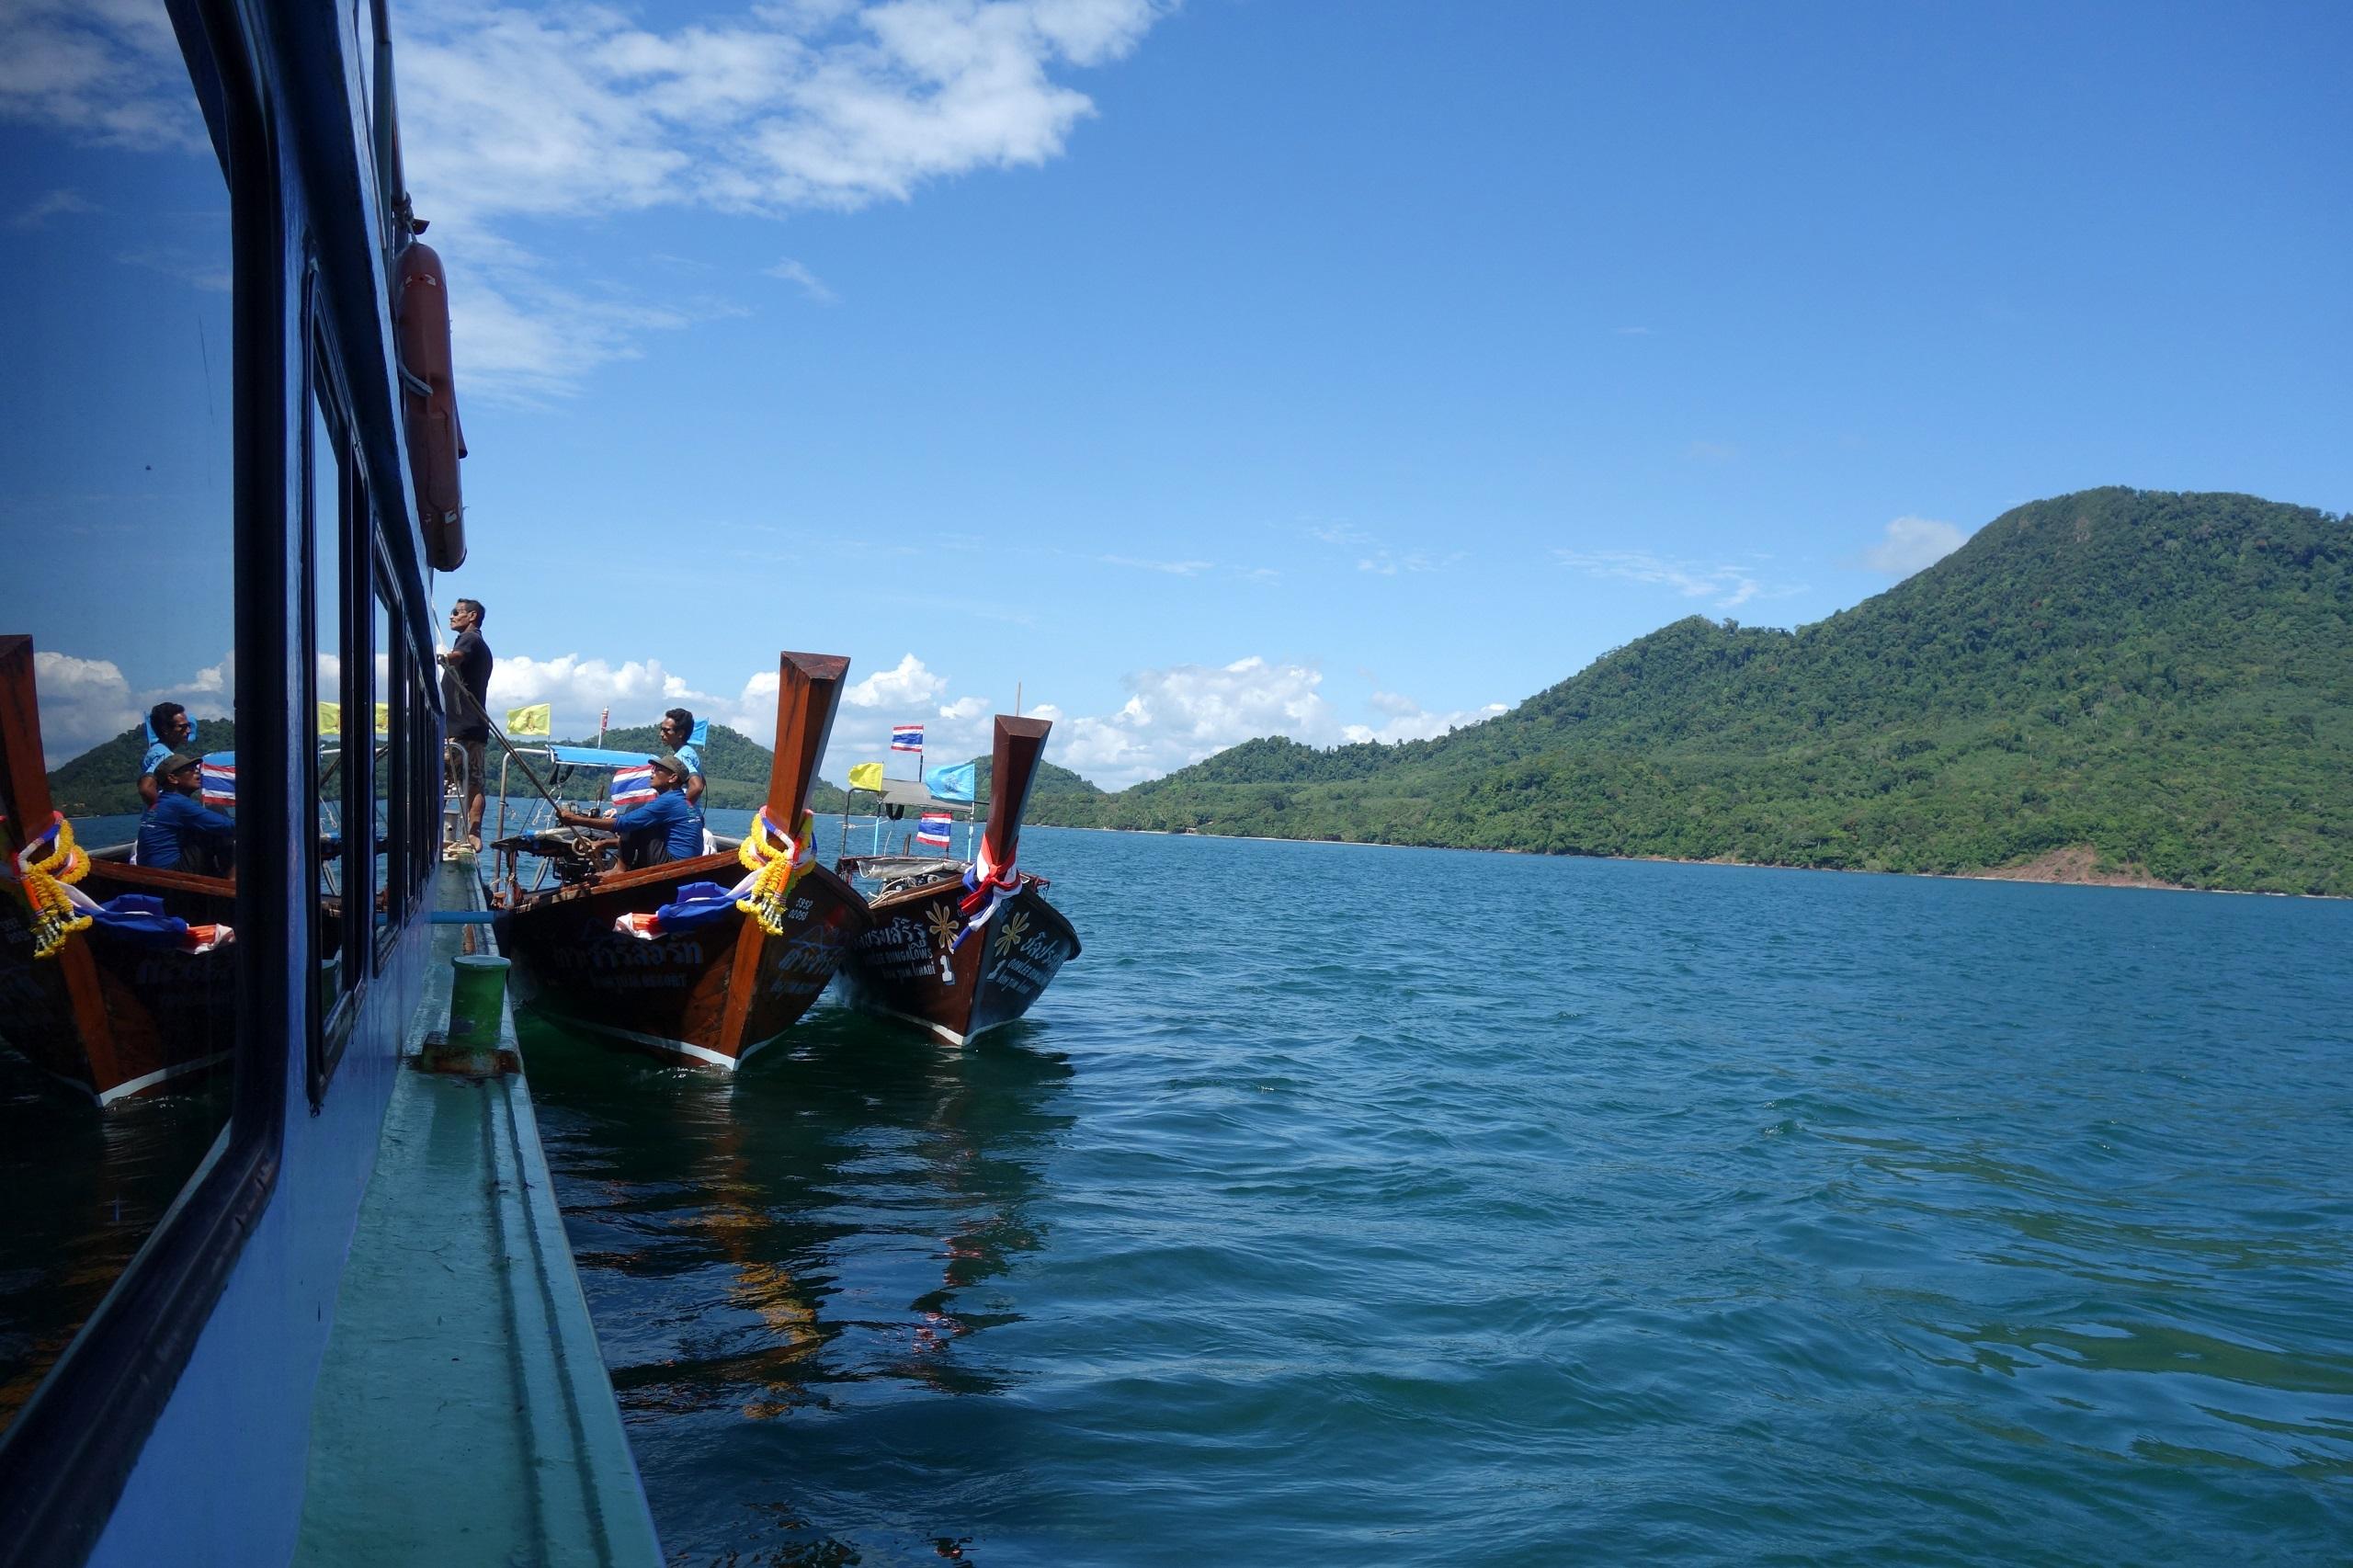 Prom z Krabi na wyspę Koh Jum i przesiadka na łodzie longtails